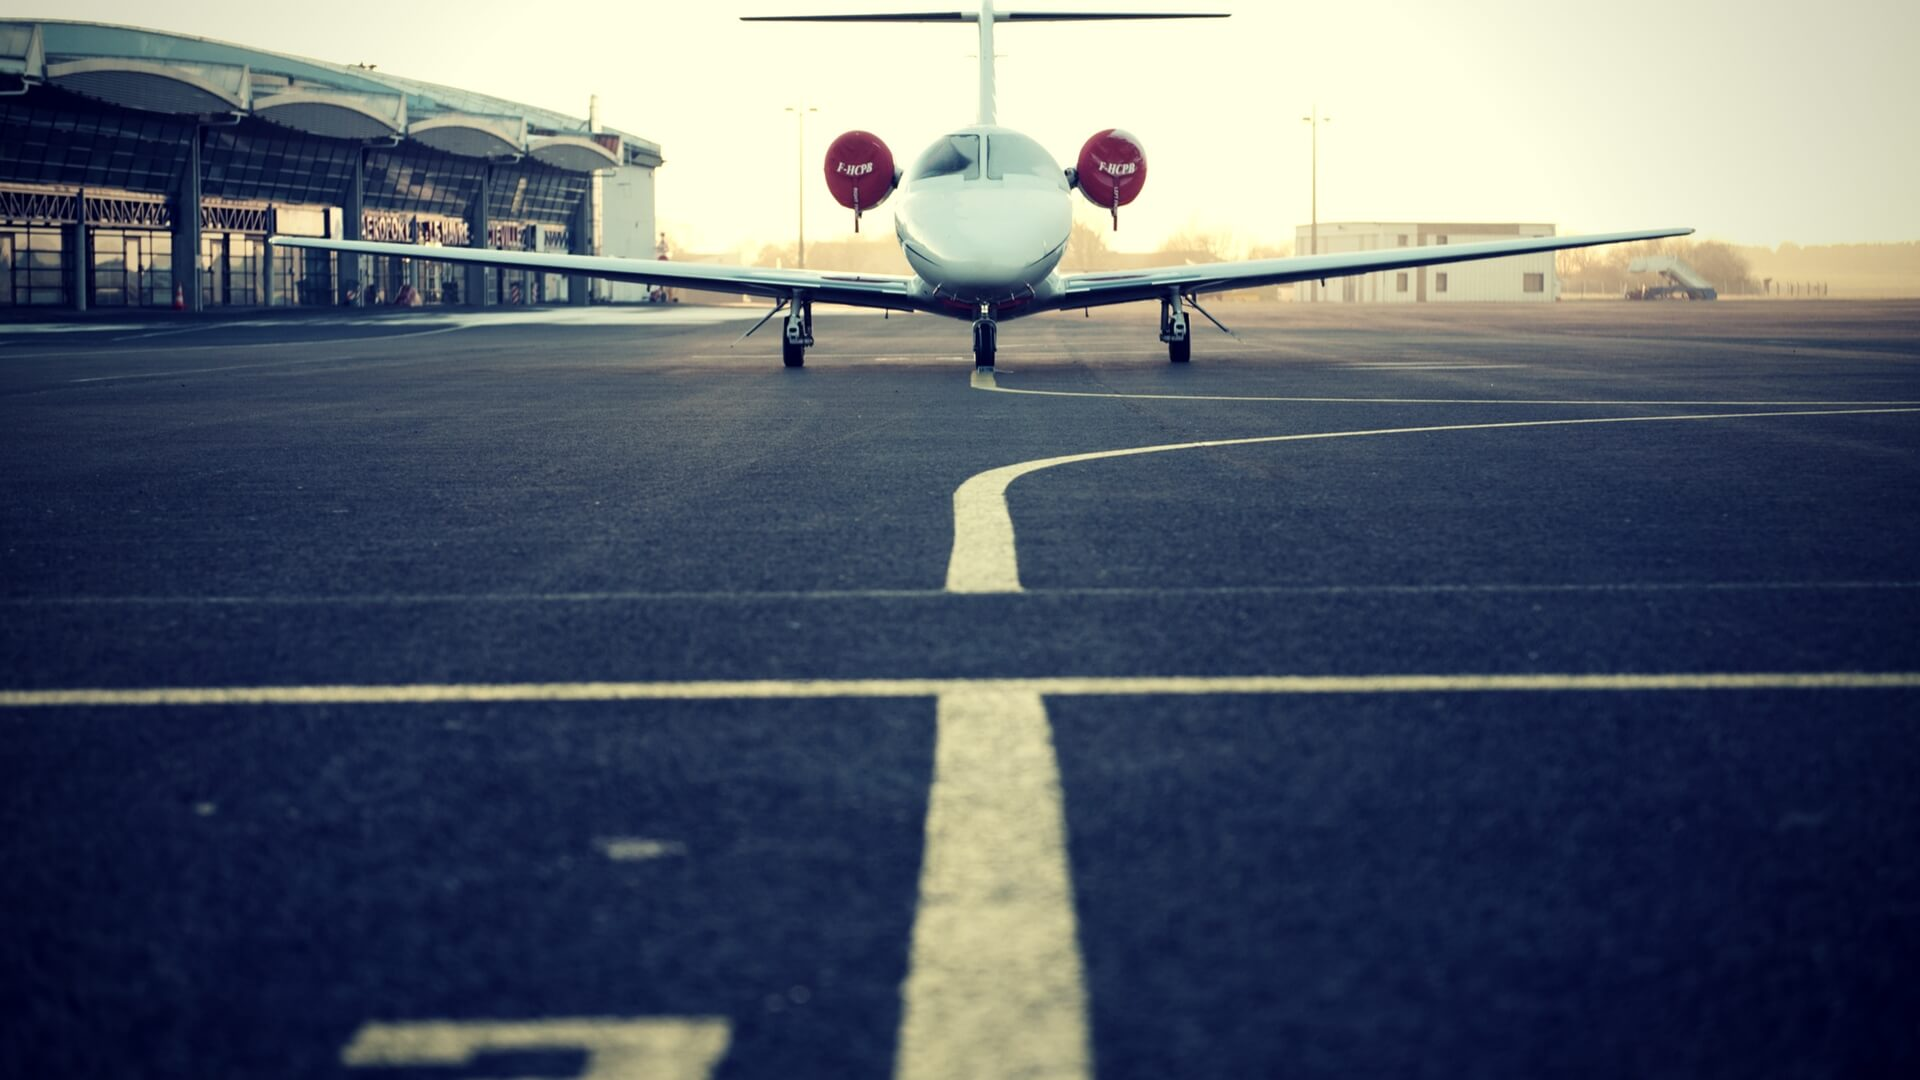 海外出張に仕事で初めて行く人の便利&快適23のコツ